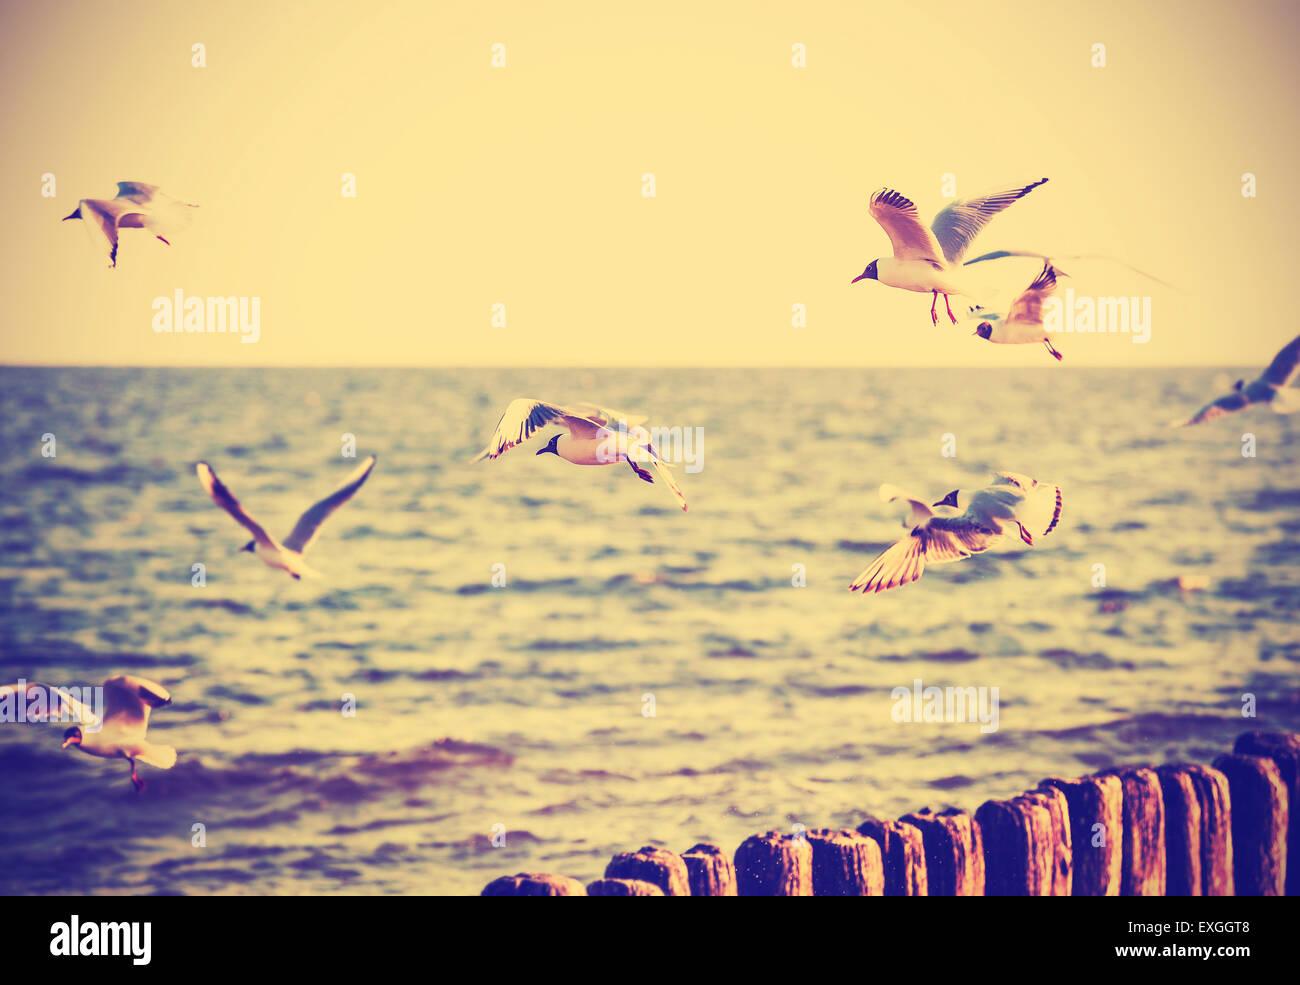 Vintage retrò uccelli filtrata sul mare, natura sfondo, vecchi film effetto. Immagini Stock